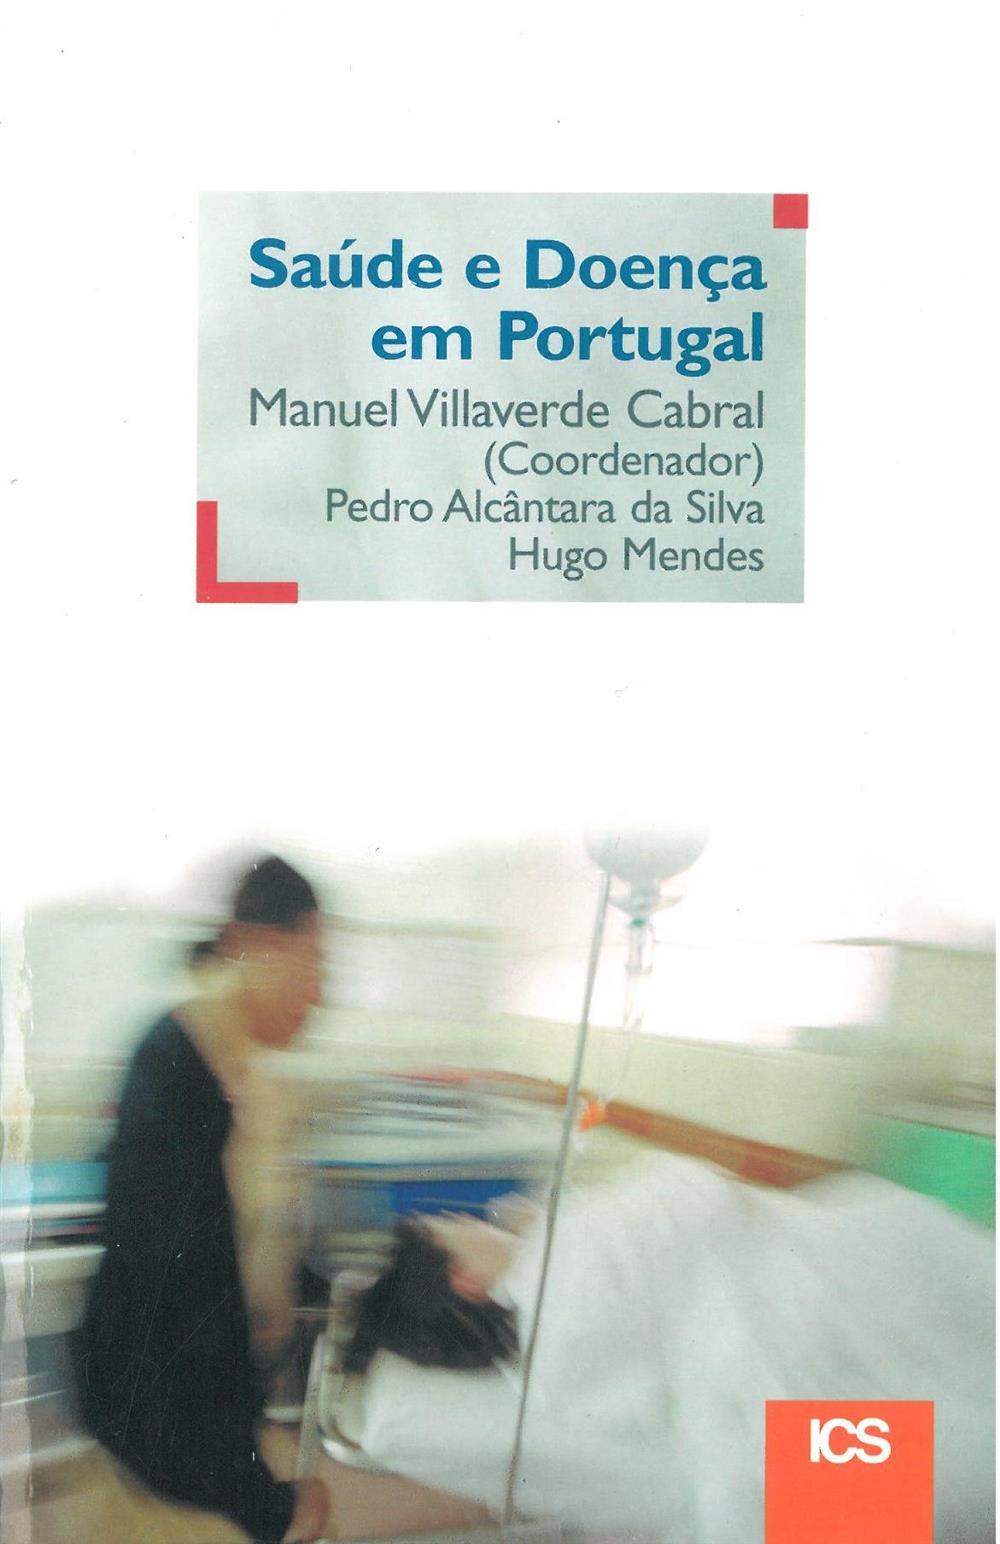 Saúde e doença em Portugal.jpg